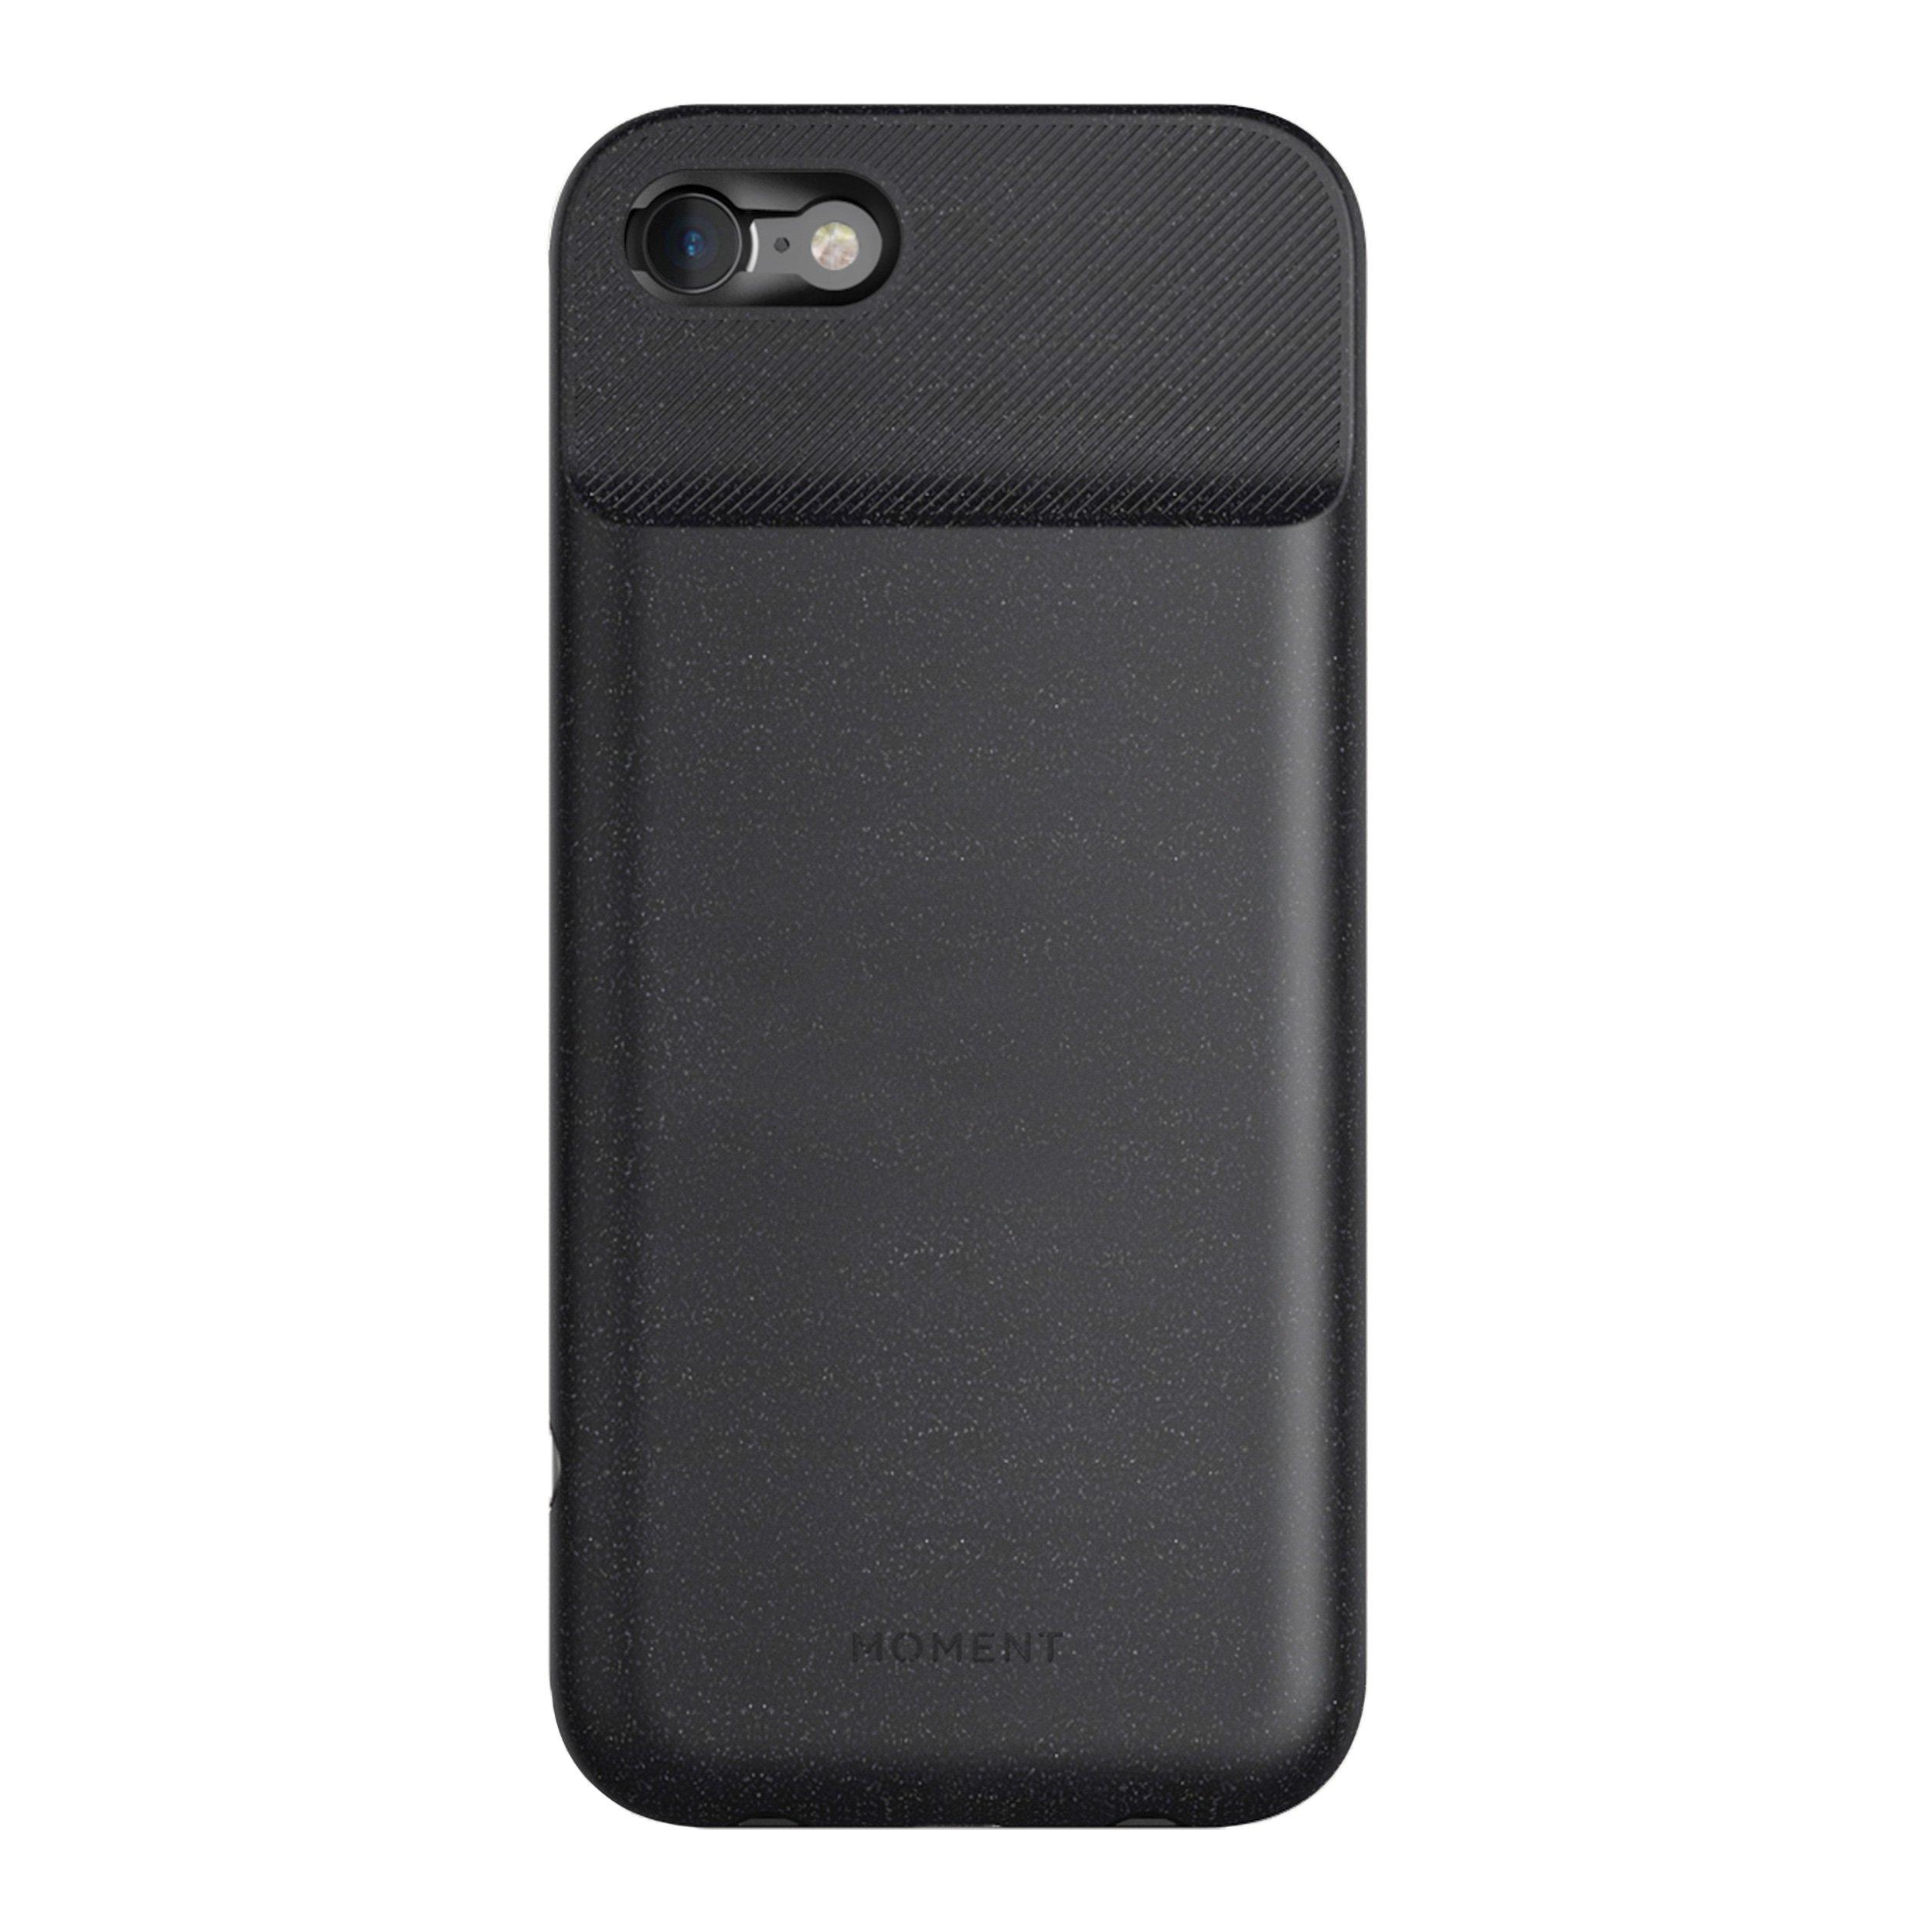 ویکالا · خرید  اصل اورجینال · خرید از آمازون · Moment - Pro Photography Case - iPhone 8 and iPhone 7 - Protect, Charge, and take Better Pictures. wekala · ویکالا